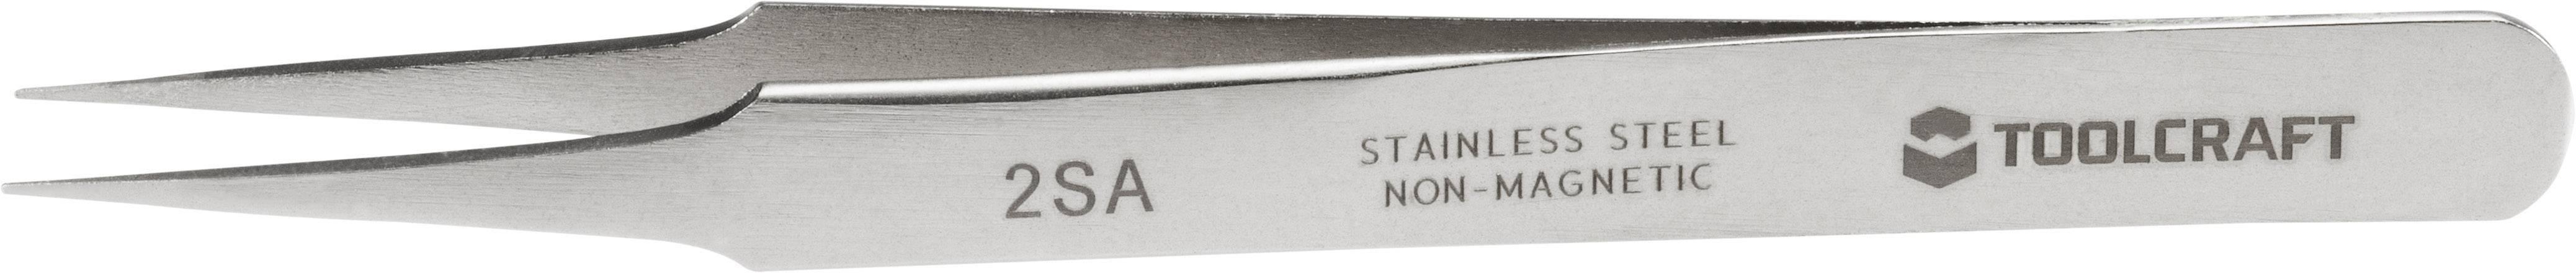 Nerezová pinzeta s rovnými špičatými konci Toolcraft 2SA, 120 mm